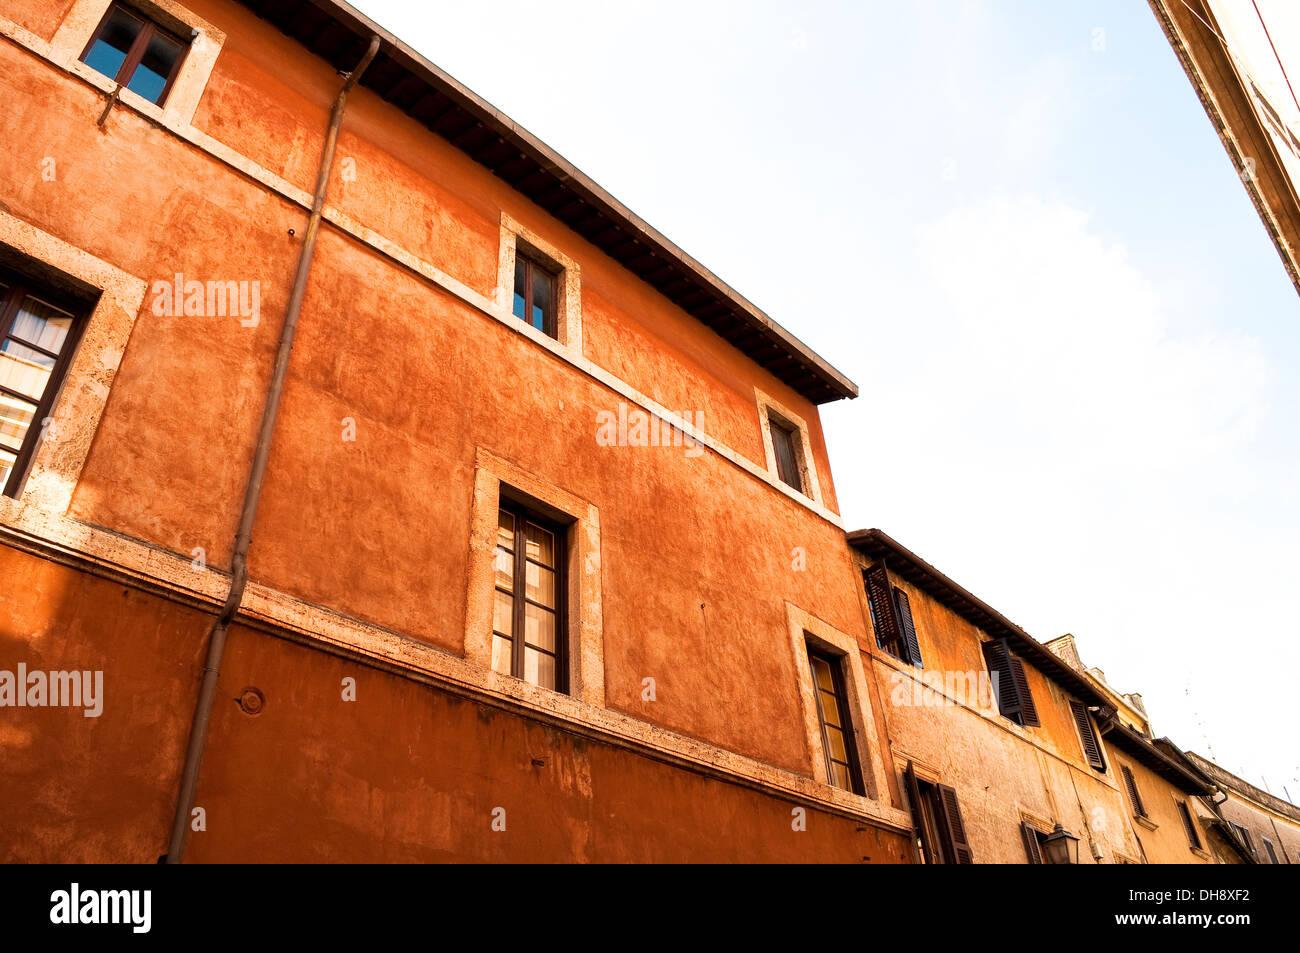 Palazzo Fucci, 15th century palace in the town centre, Tivoli, Lazio, Italy - Stock Image